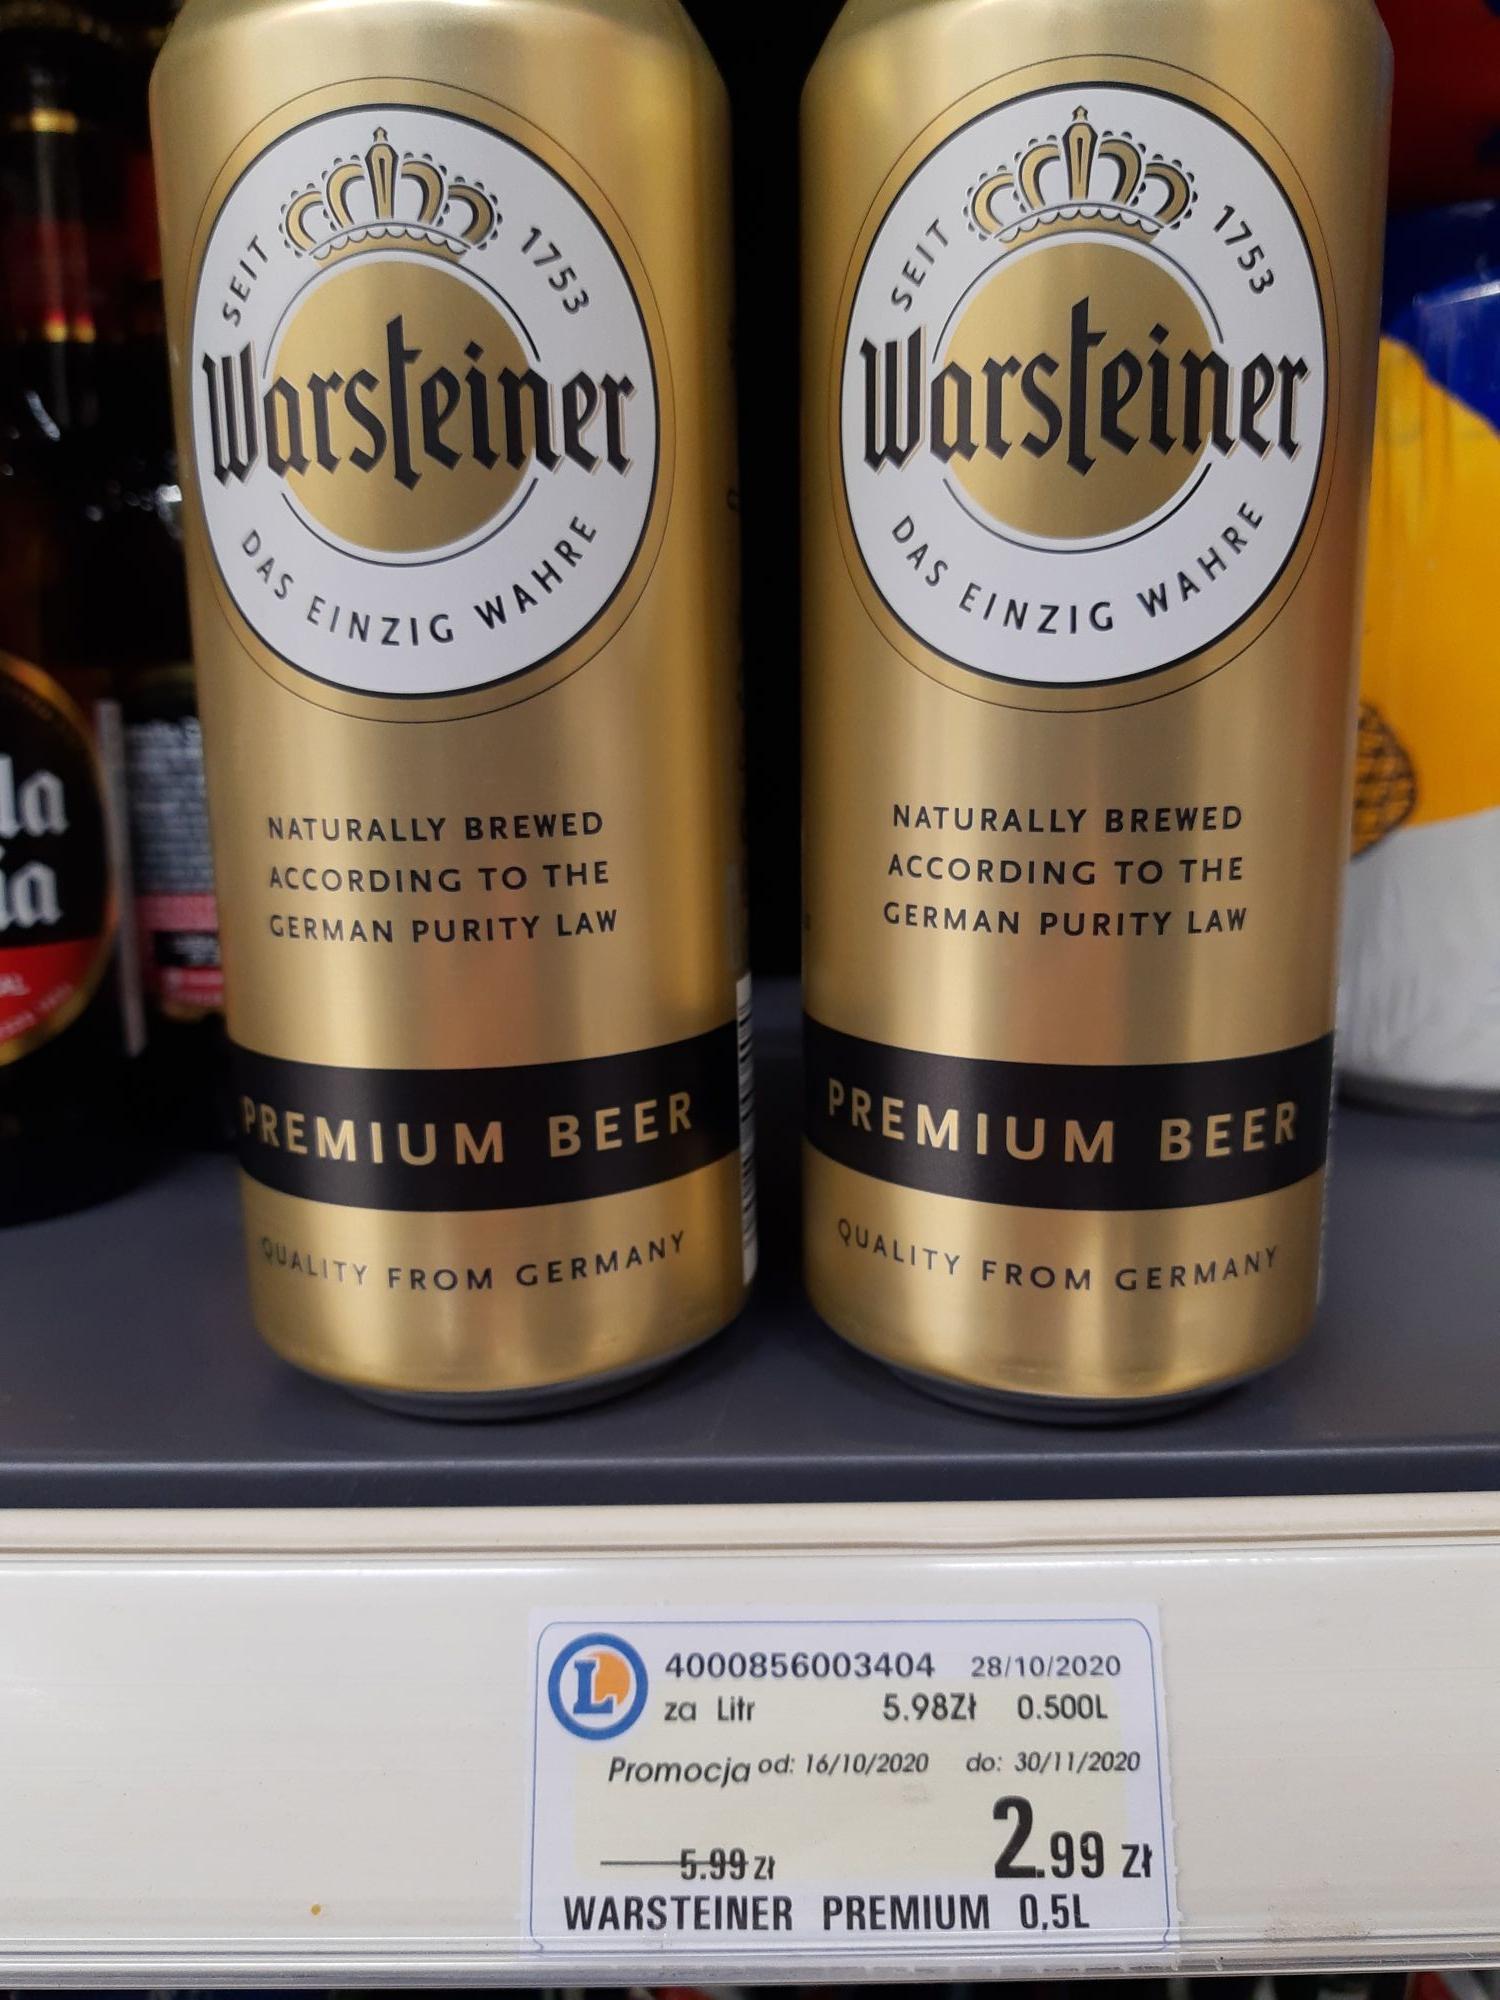 Piwo Warsteiner 2,99 zł Leclerc KEN Wawa. Możliwa ogólnopolska.